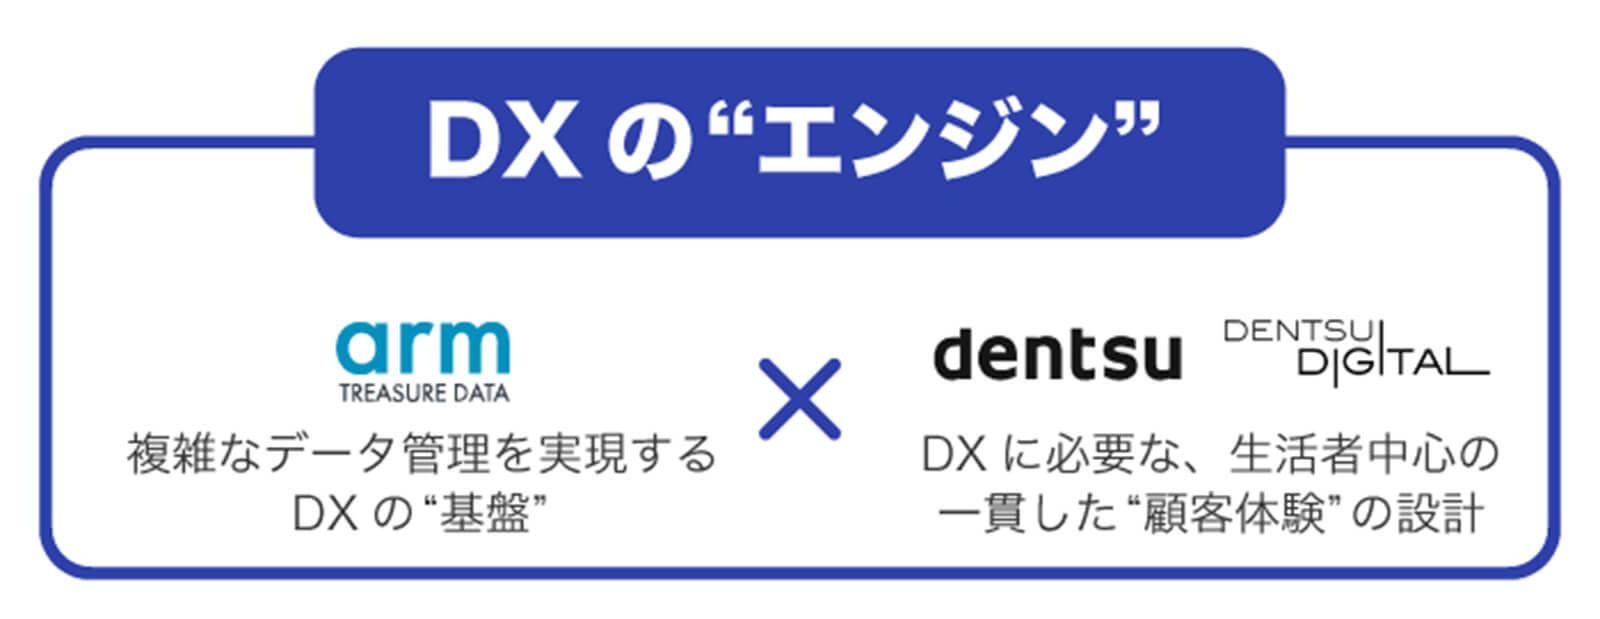 dentsu-td-dx-01-mia-3